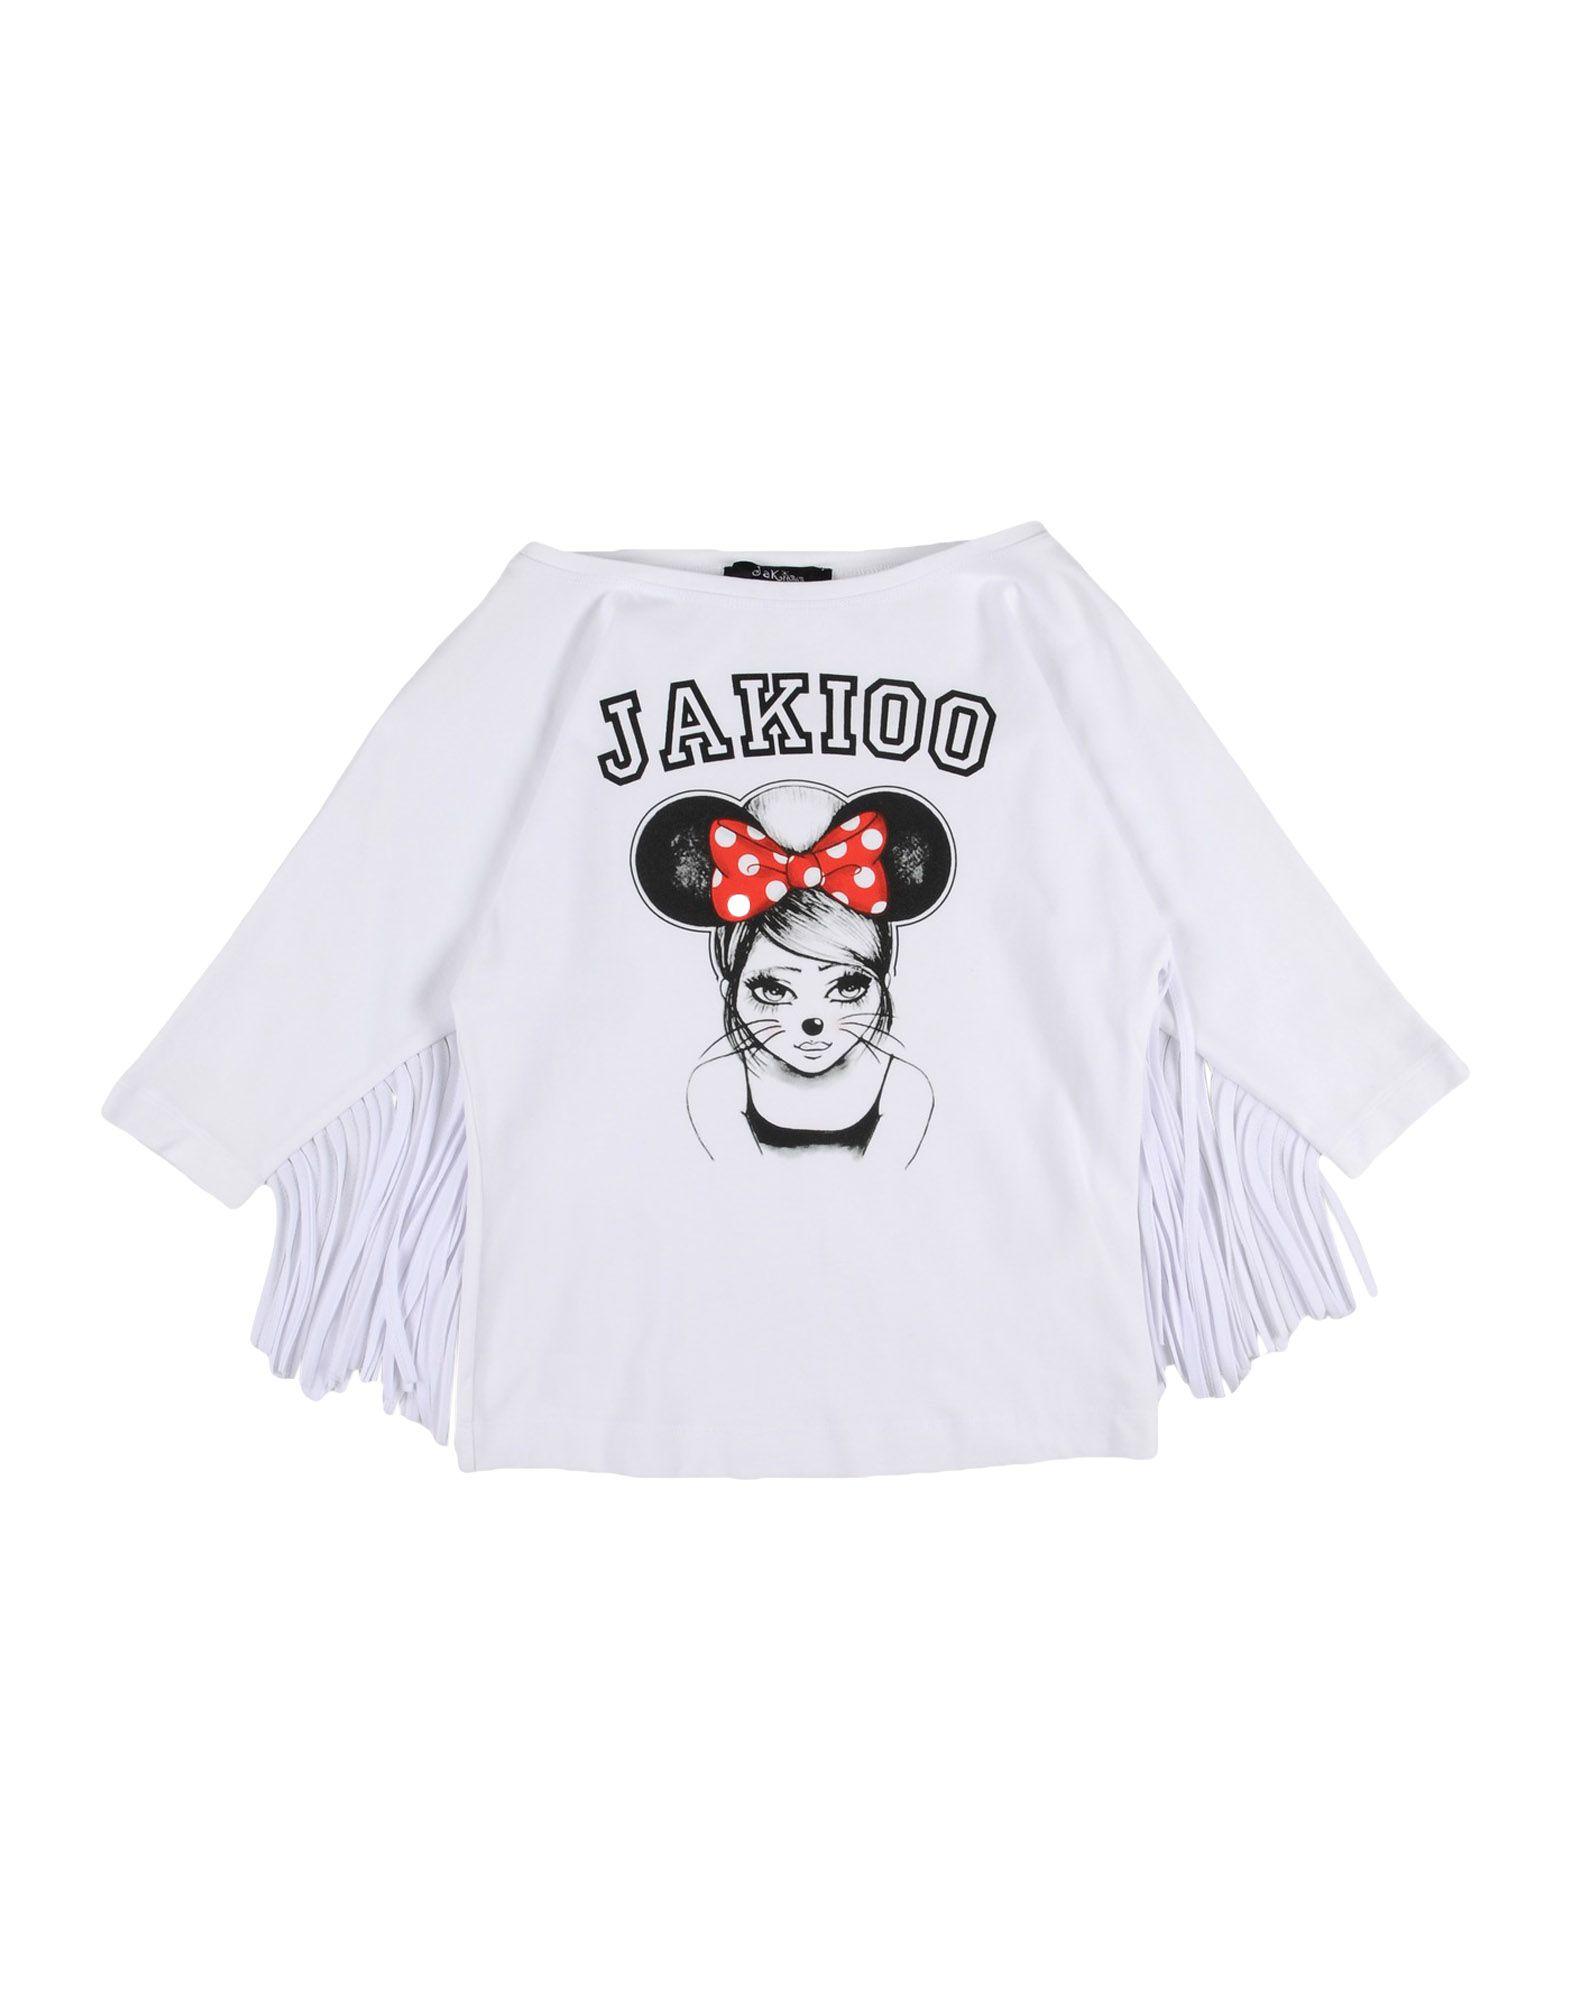 JAKIOO T-shirt